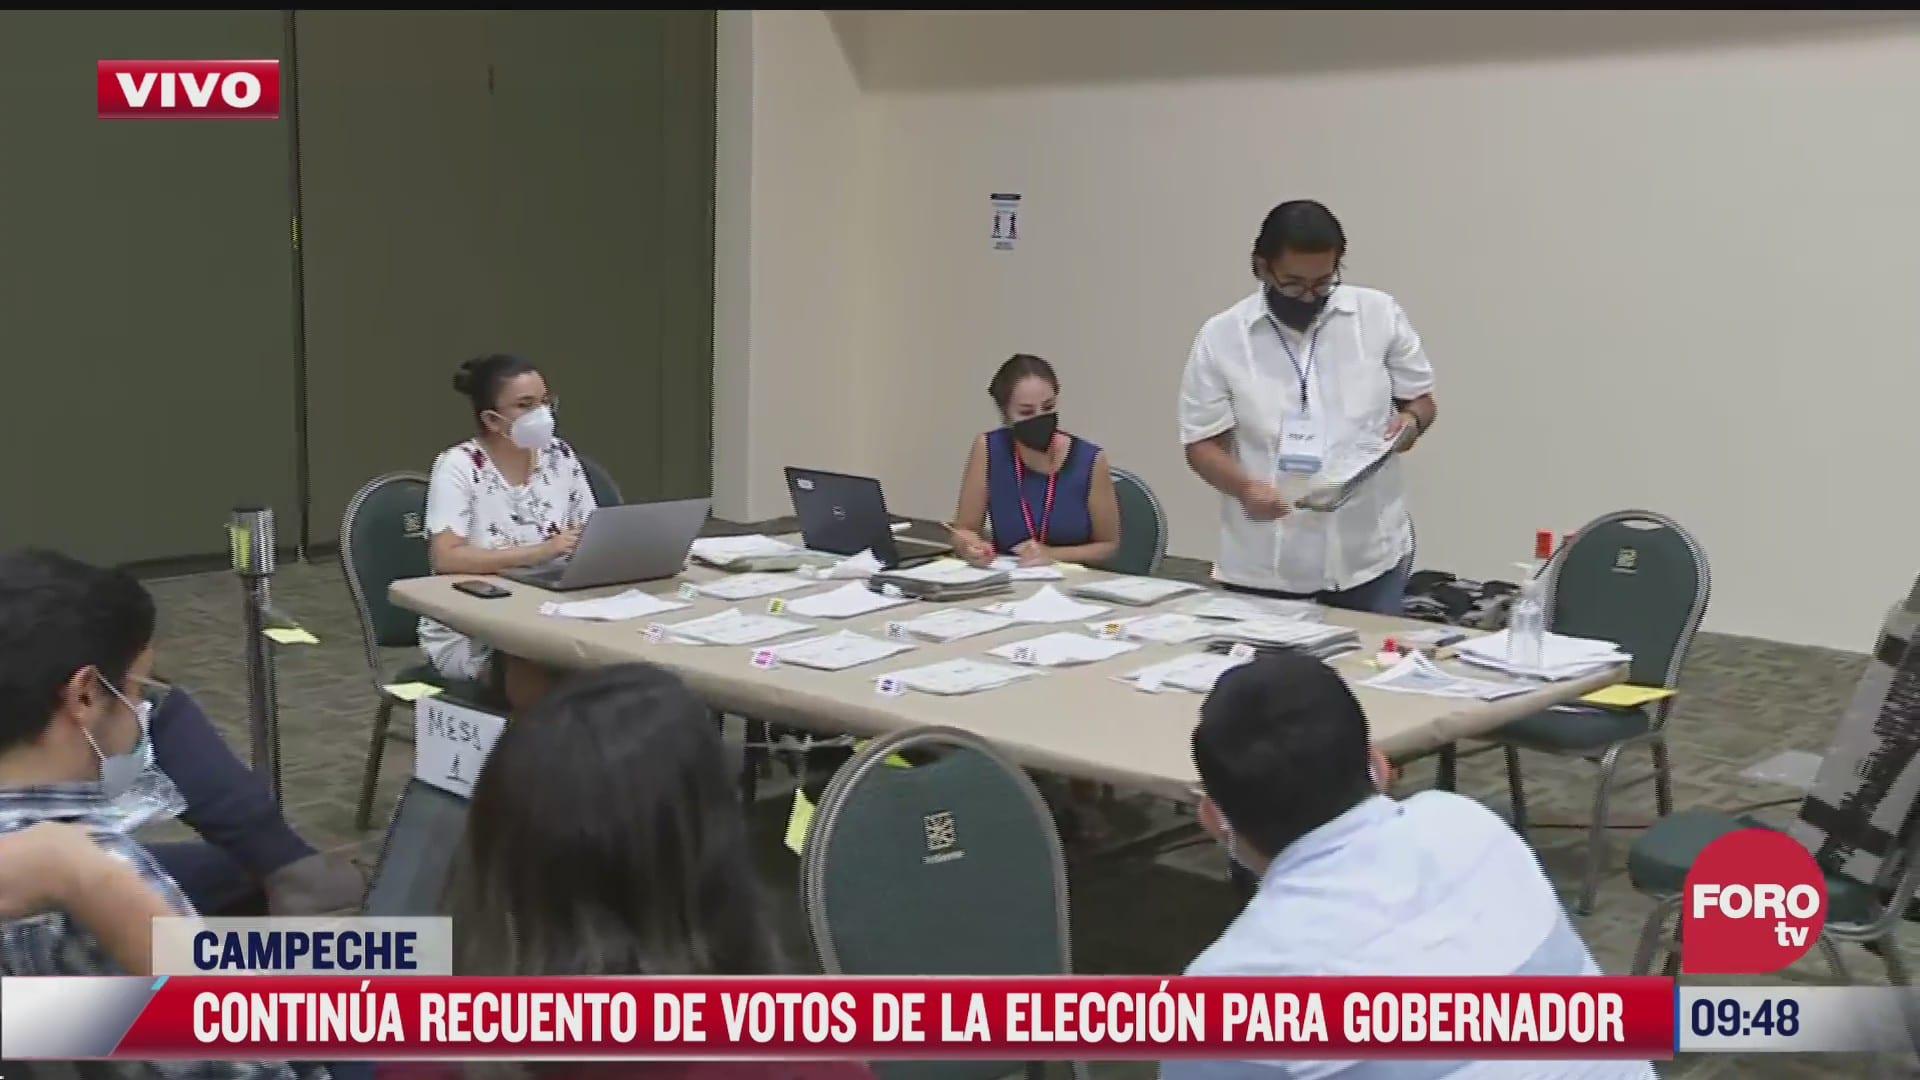 continua recuento de votos de la eleccion para gobernador en campeche